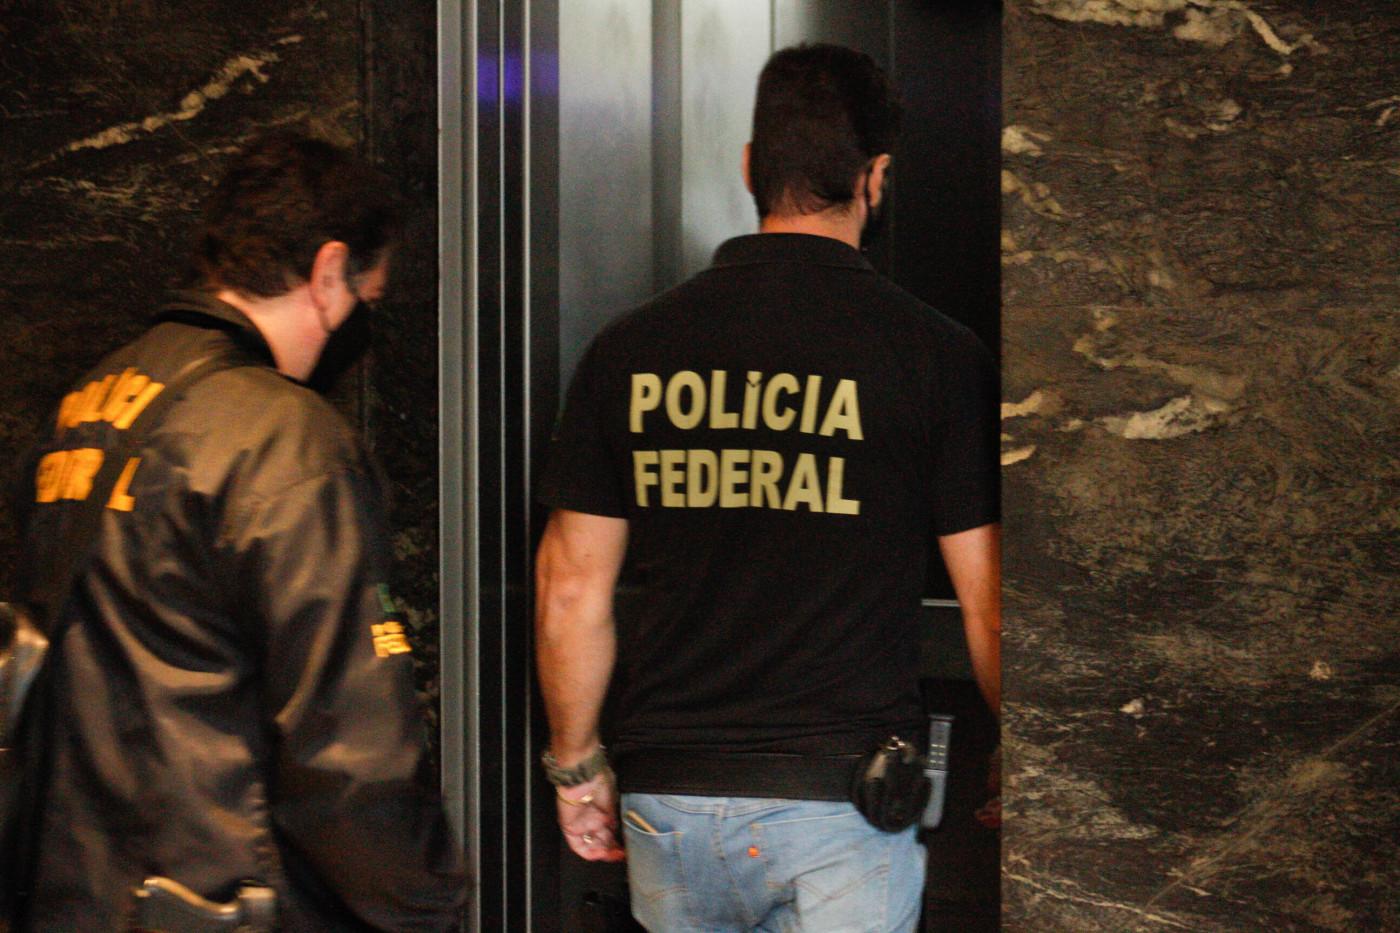 Agentes da Polícia Federal cumprem mandados